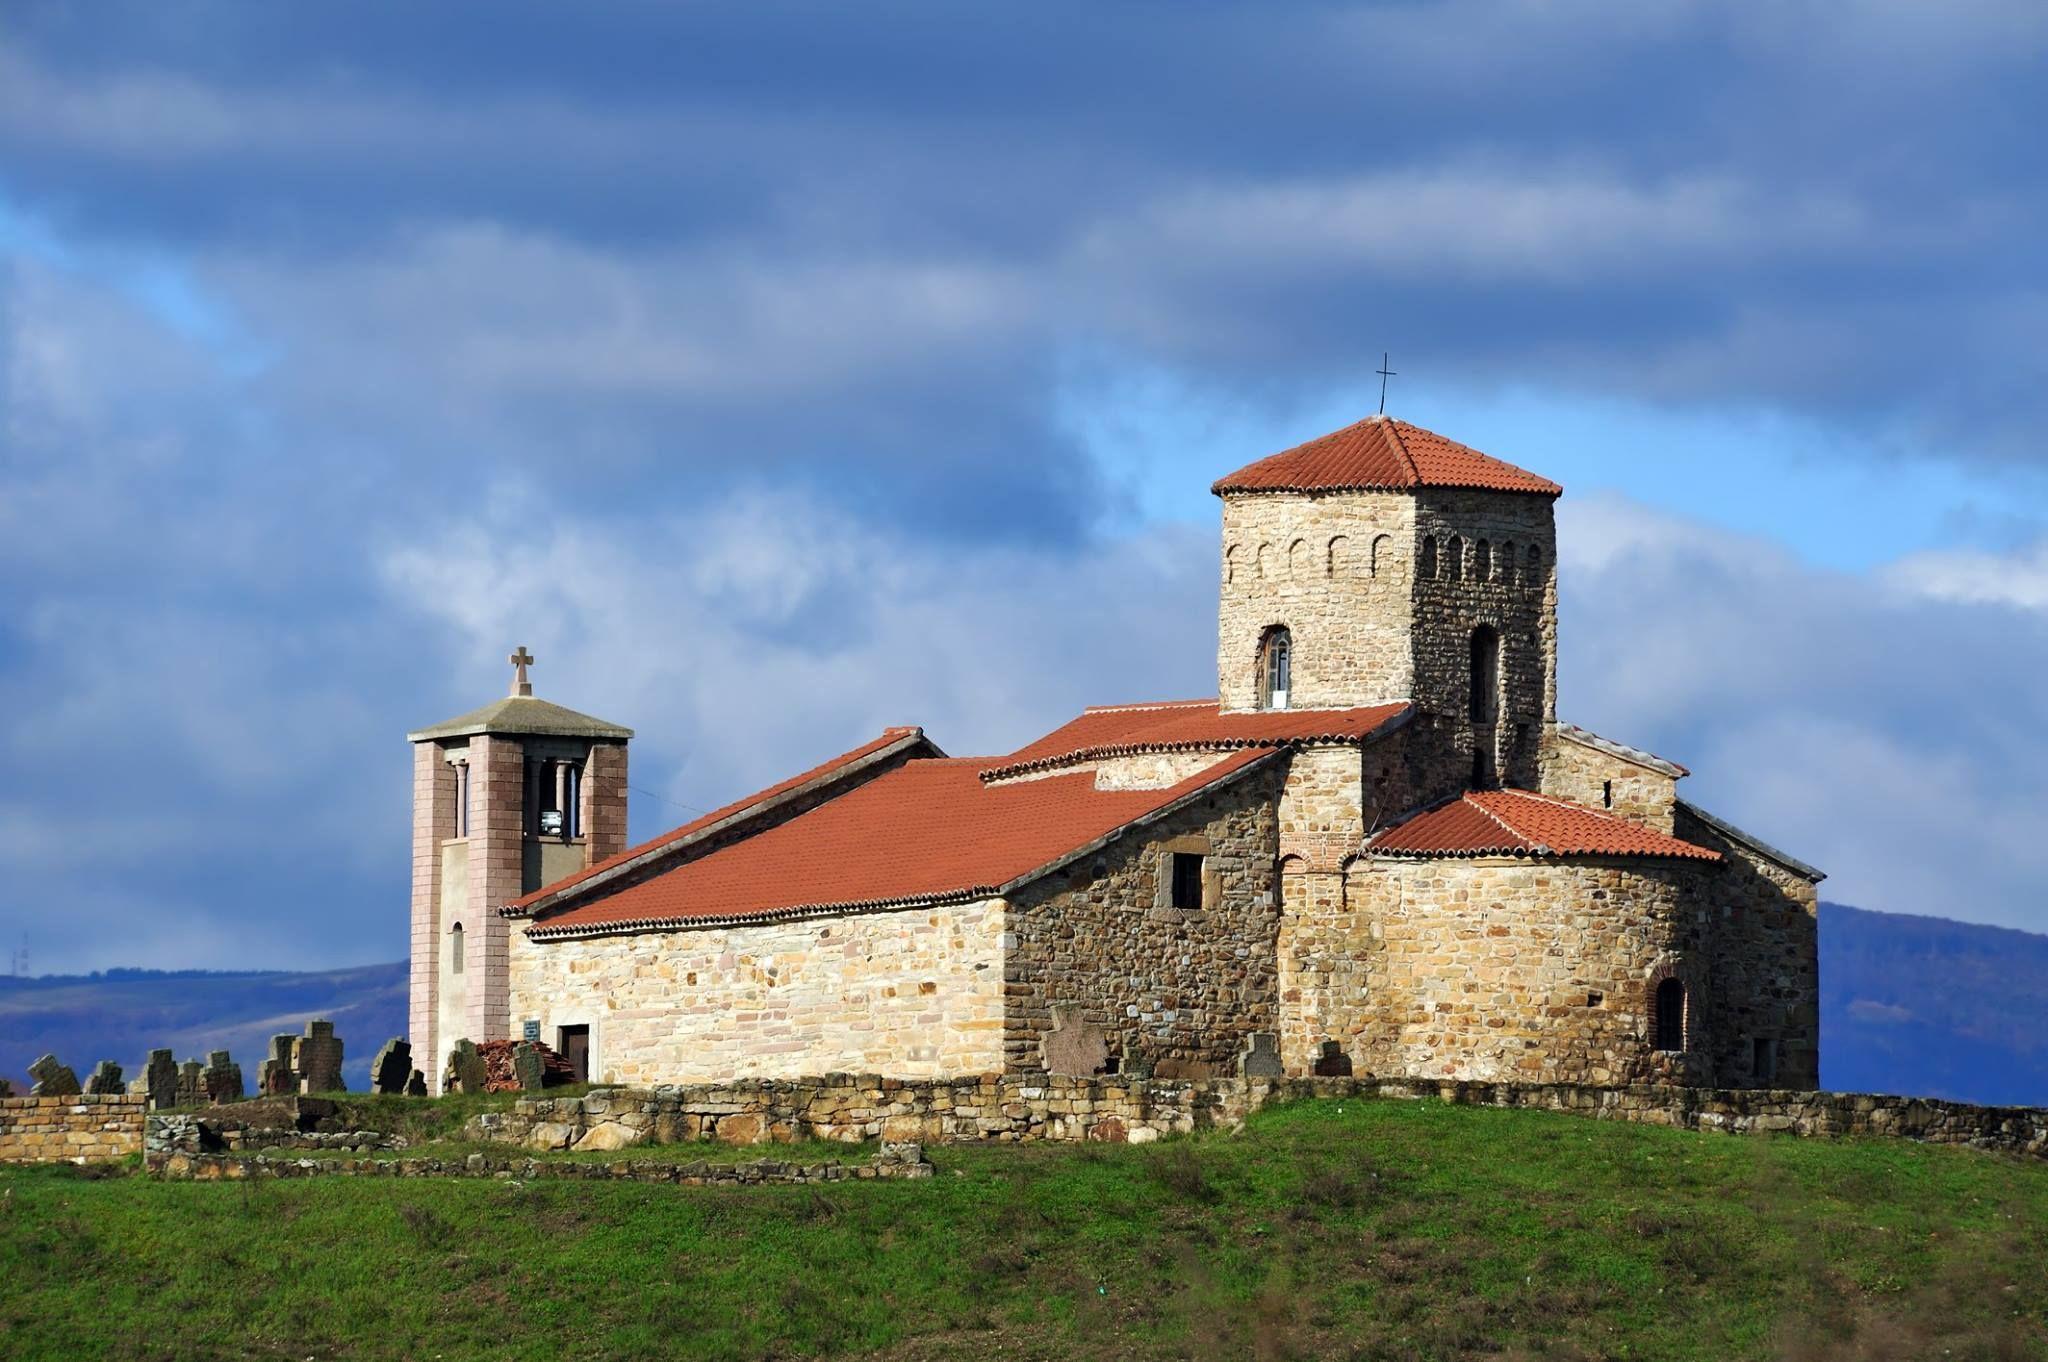 Crkva Sv.apostola Petra i Pavla, Novi Pazar, Srbija